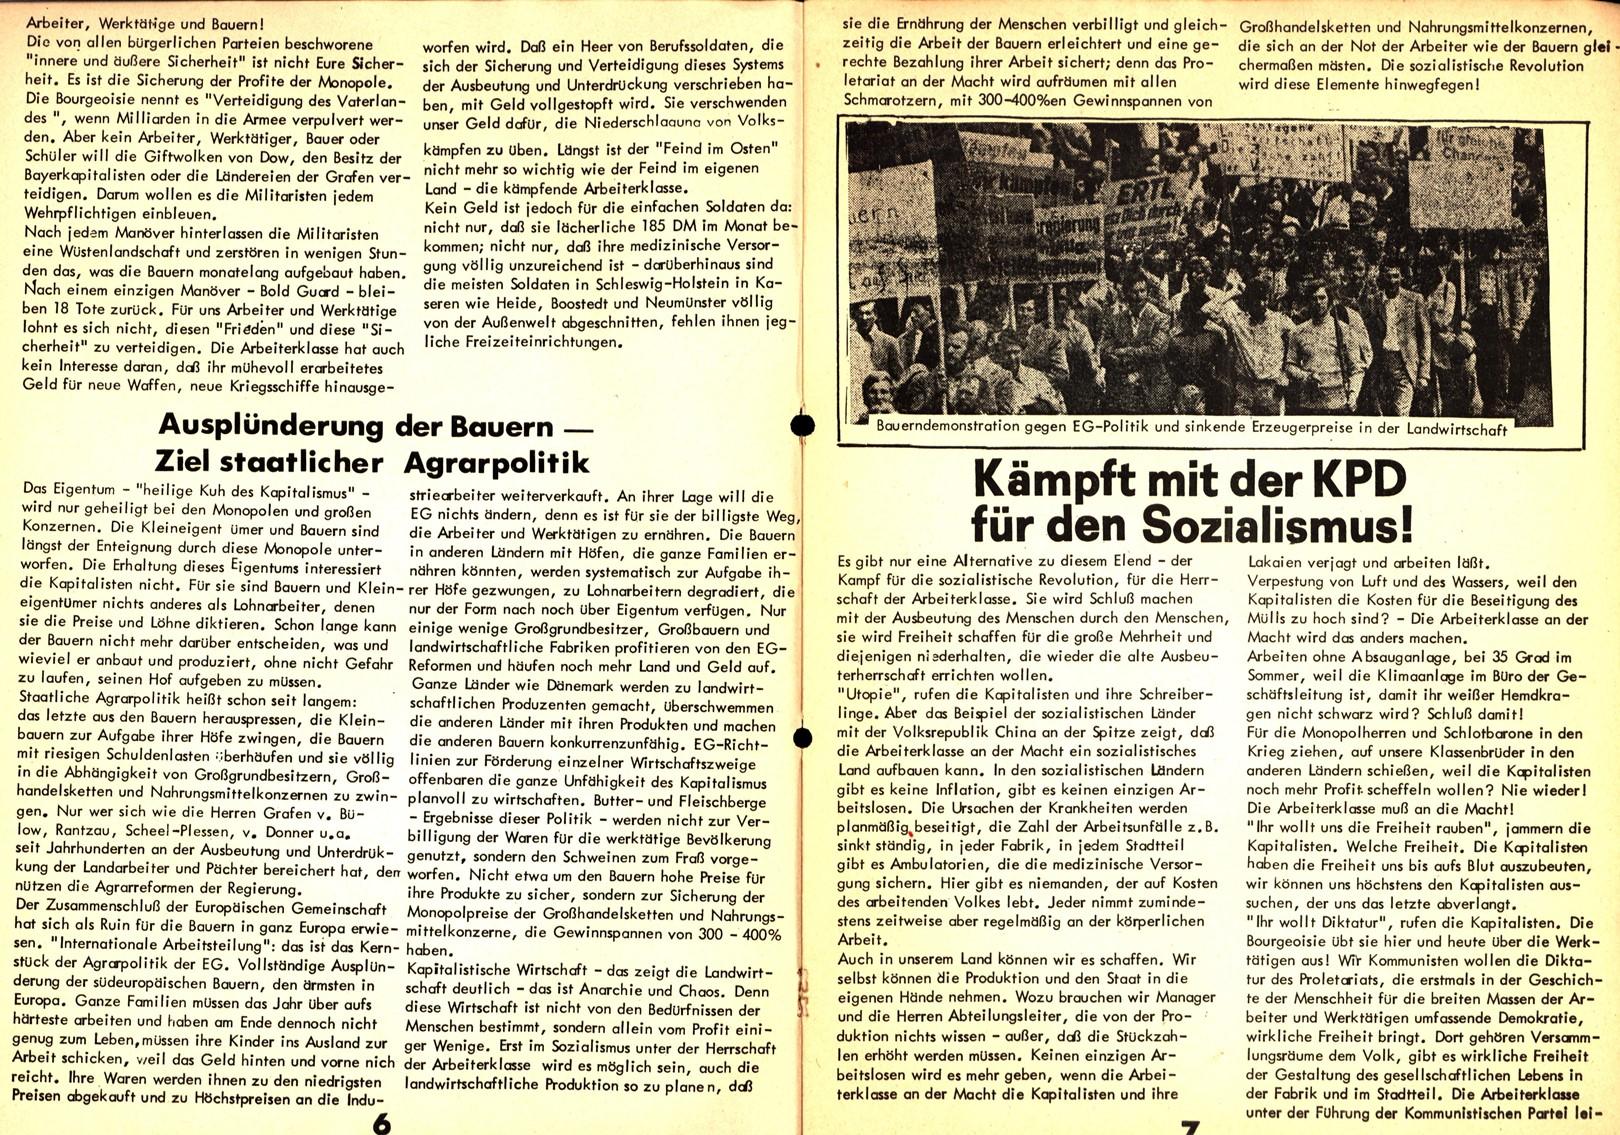 Schleswig_Holstein_KPDAO_1975_Landtagswahlen_05